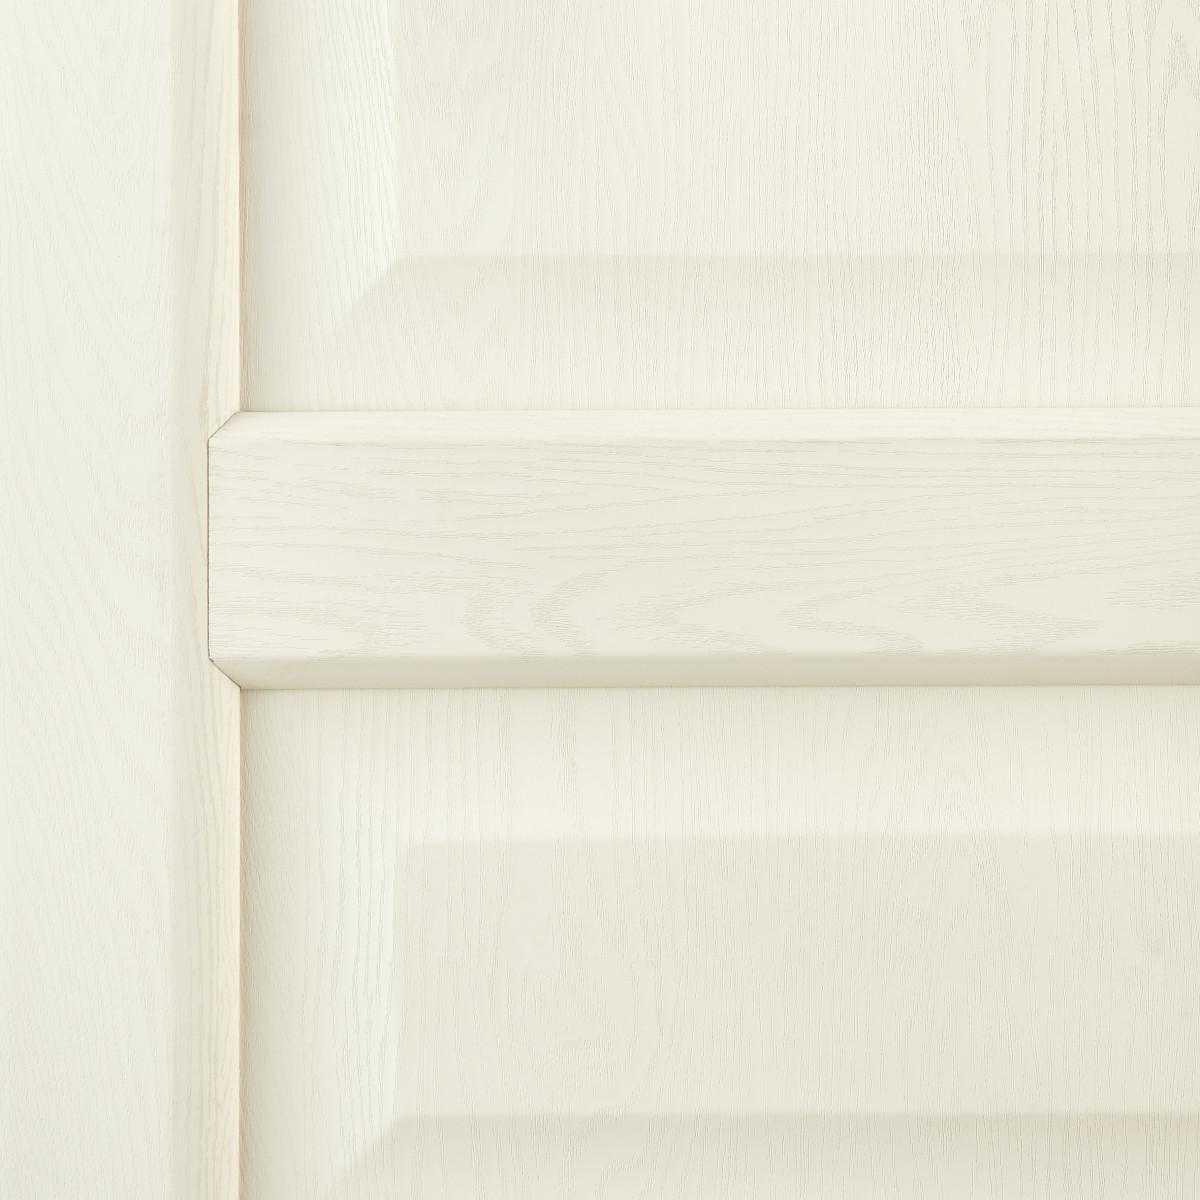 Дверь Межкомнатная Глухая Artens Мария 80x200 Пвх Цвет Айвори С Фурнитурой